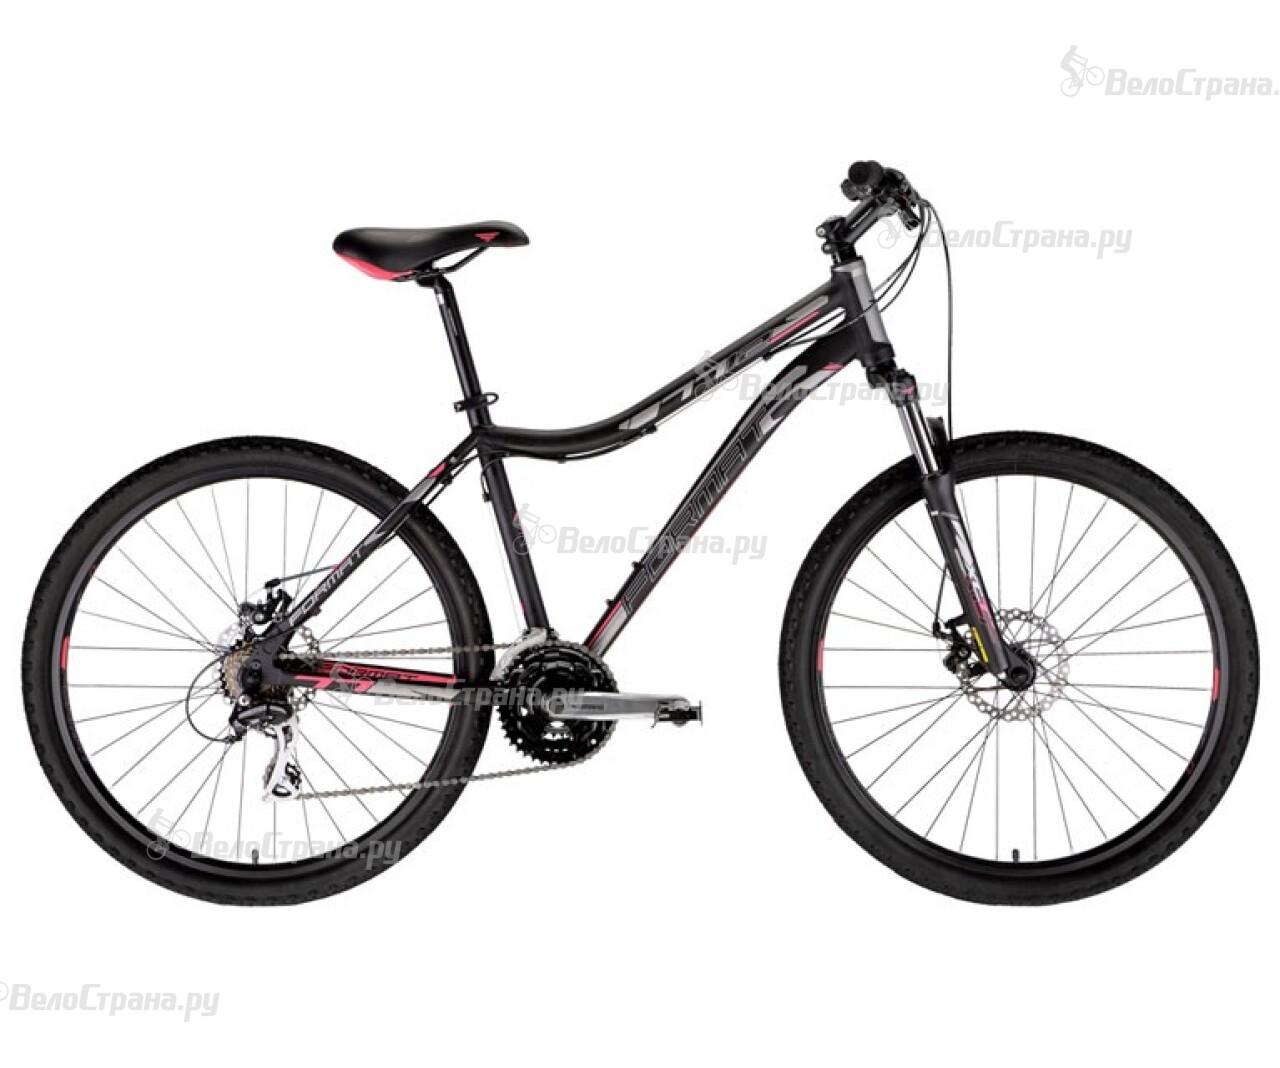 Велосипед Format 7712 (2014) велосипед format 1212 2014